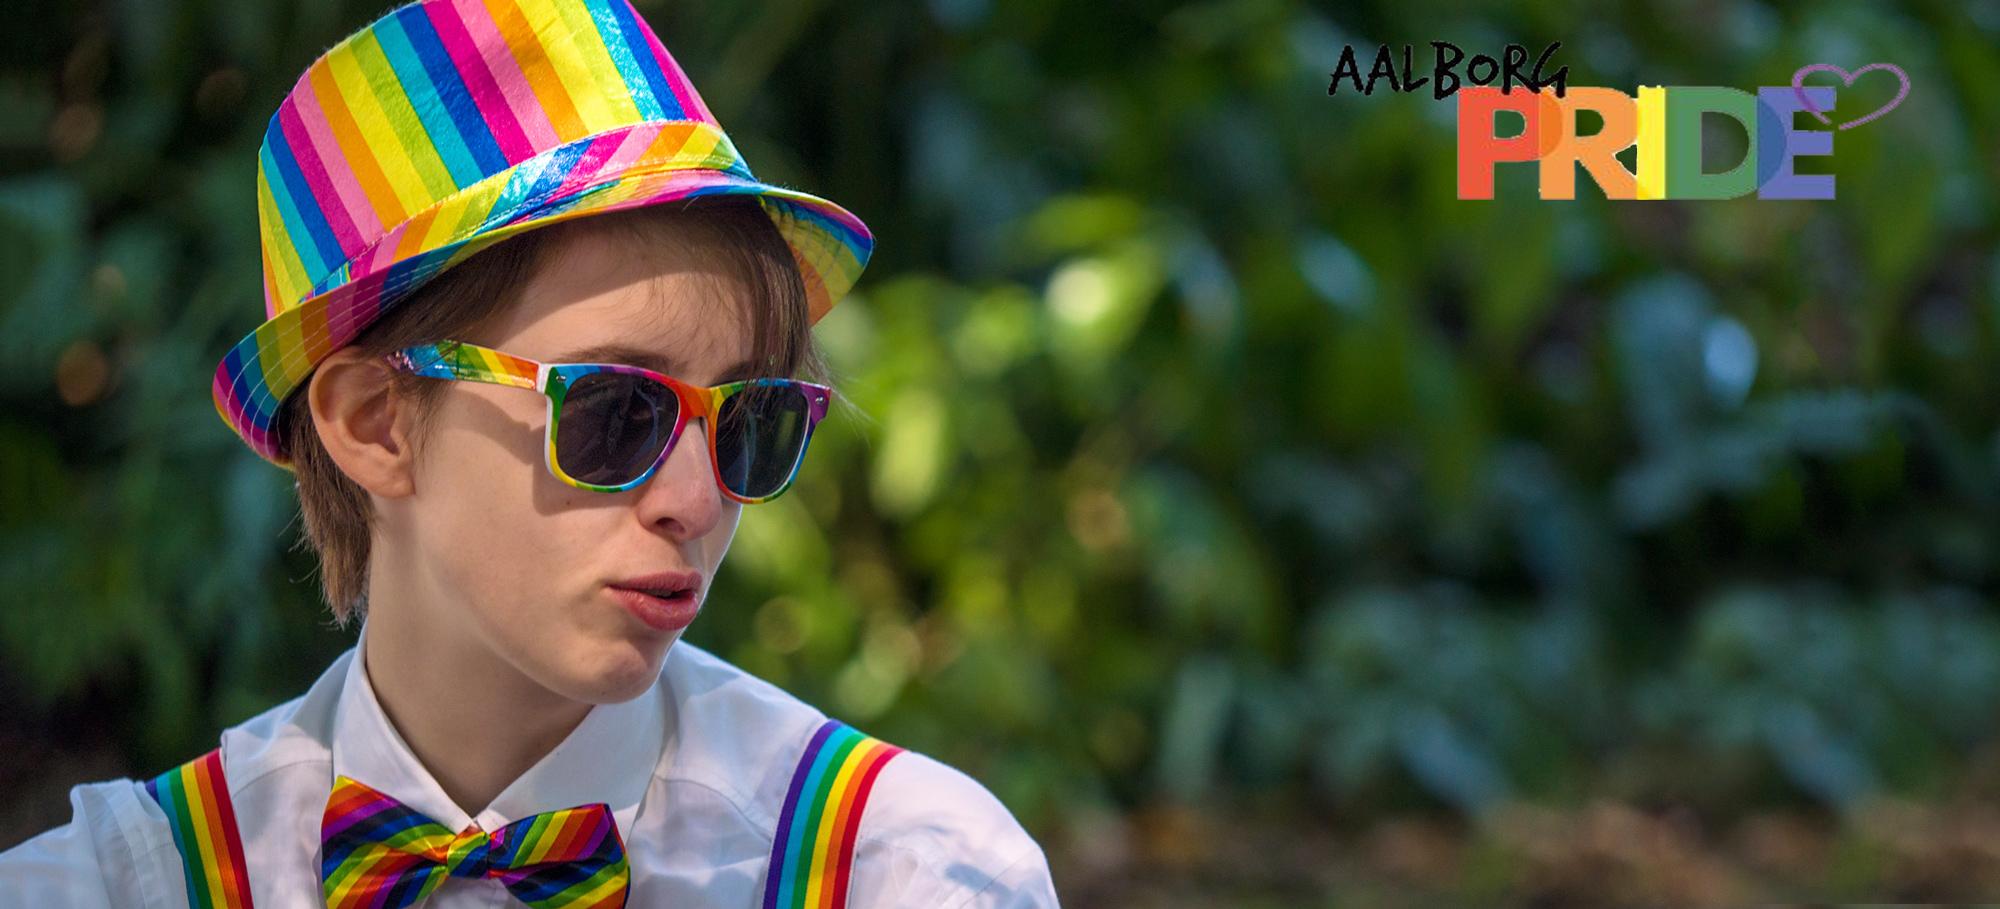 Pride – Aalborg